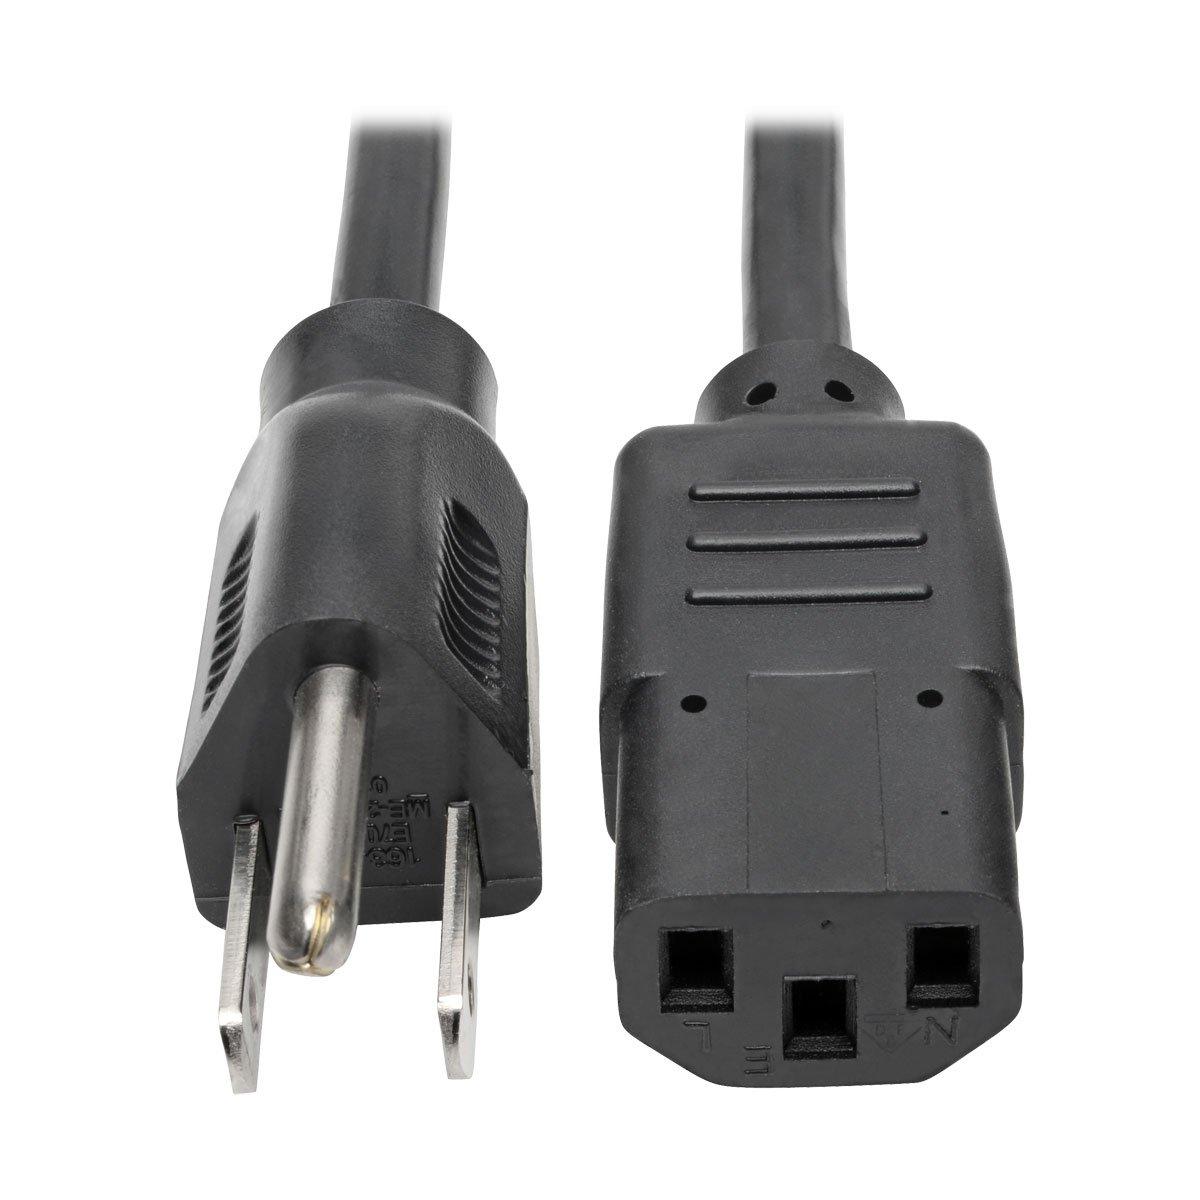 Tripp Lite Standard Computer Power Cord 10A,18AWG (NEMA 5-15P to IEC-320-C13) 1-ft.(P006-001)